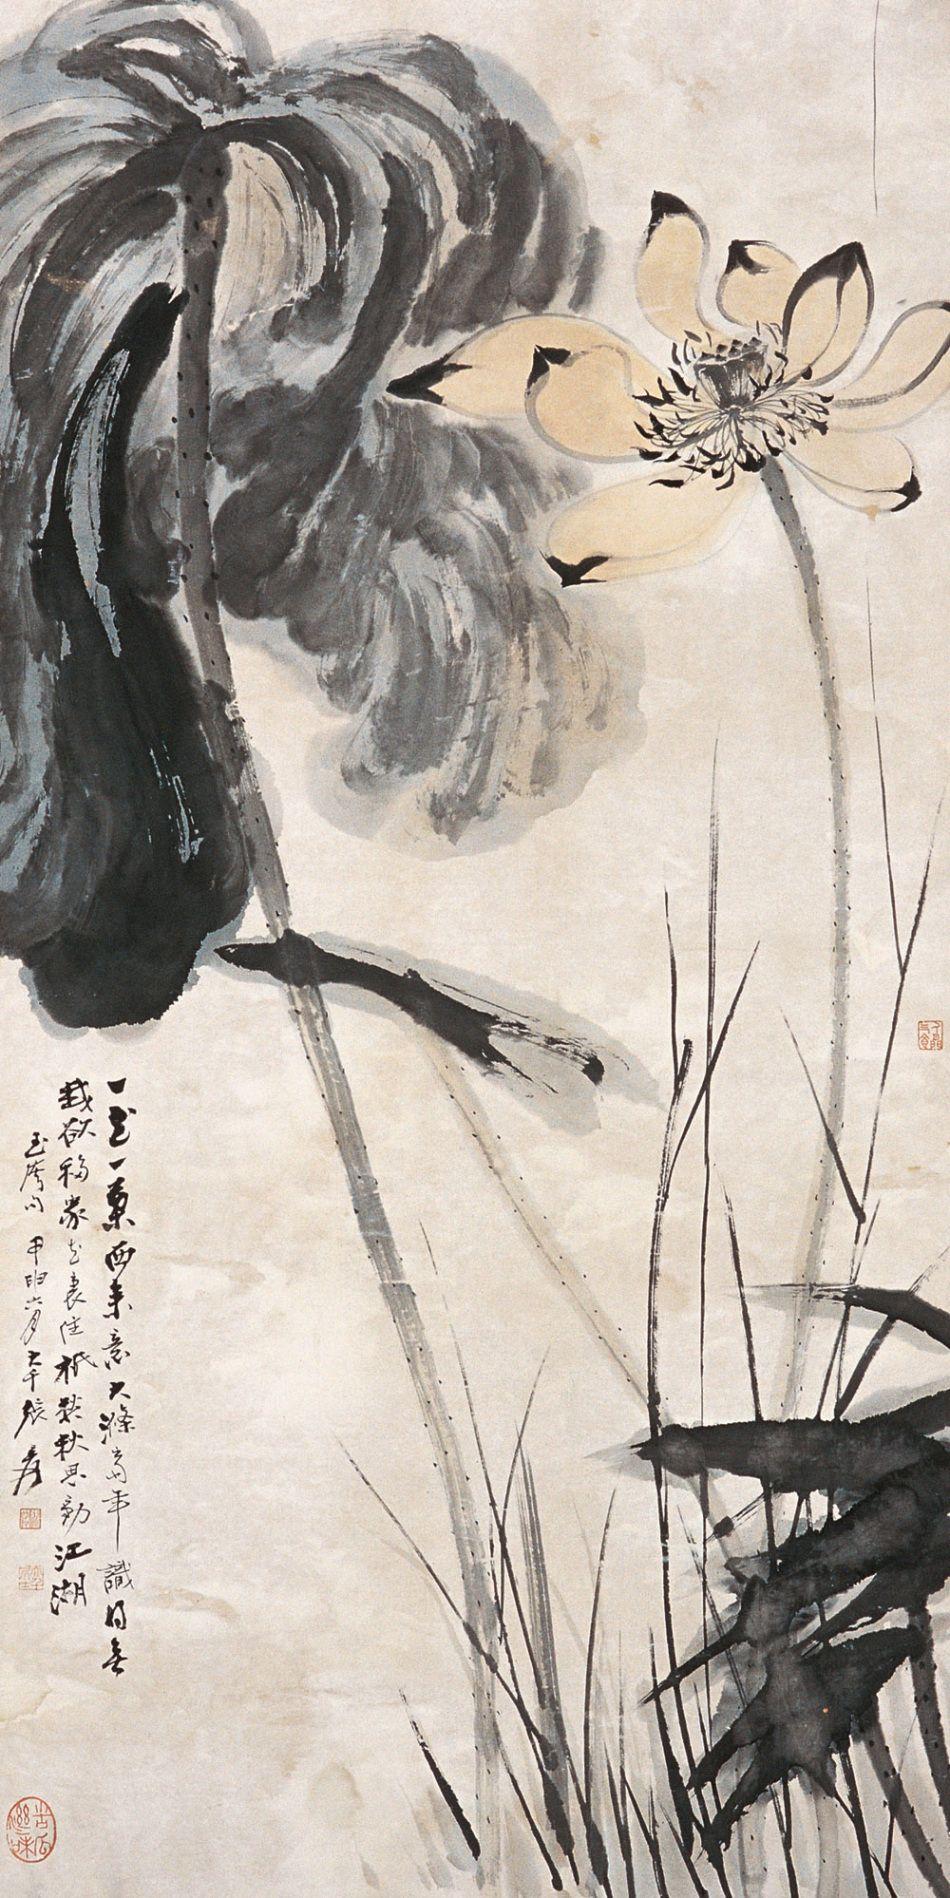 #chineseinkpainting #chinesecalligraphy #ricepaperpomopainting